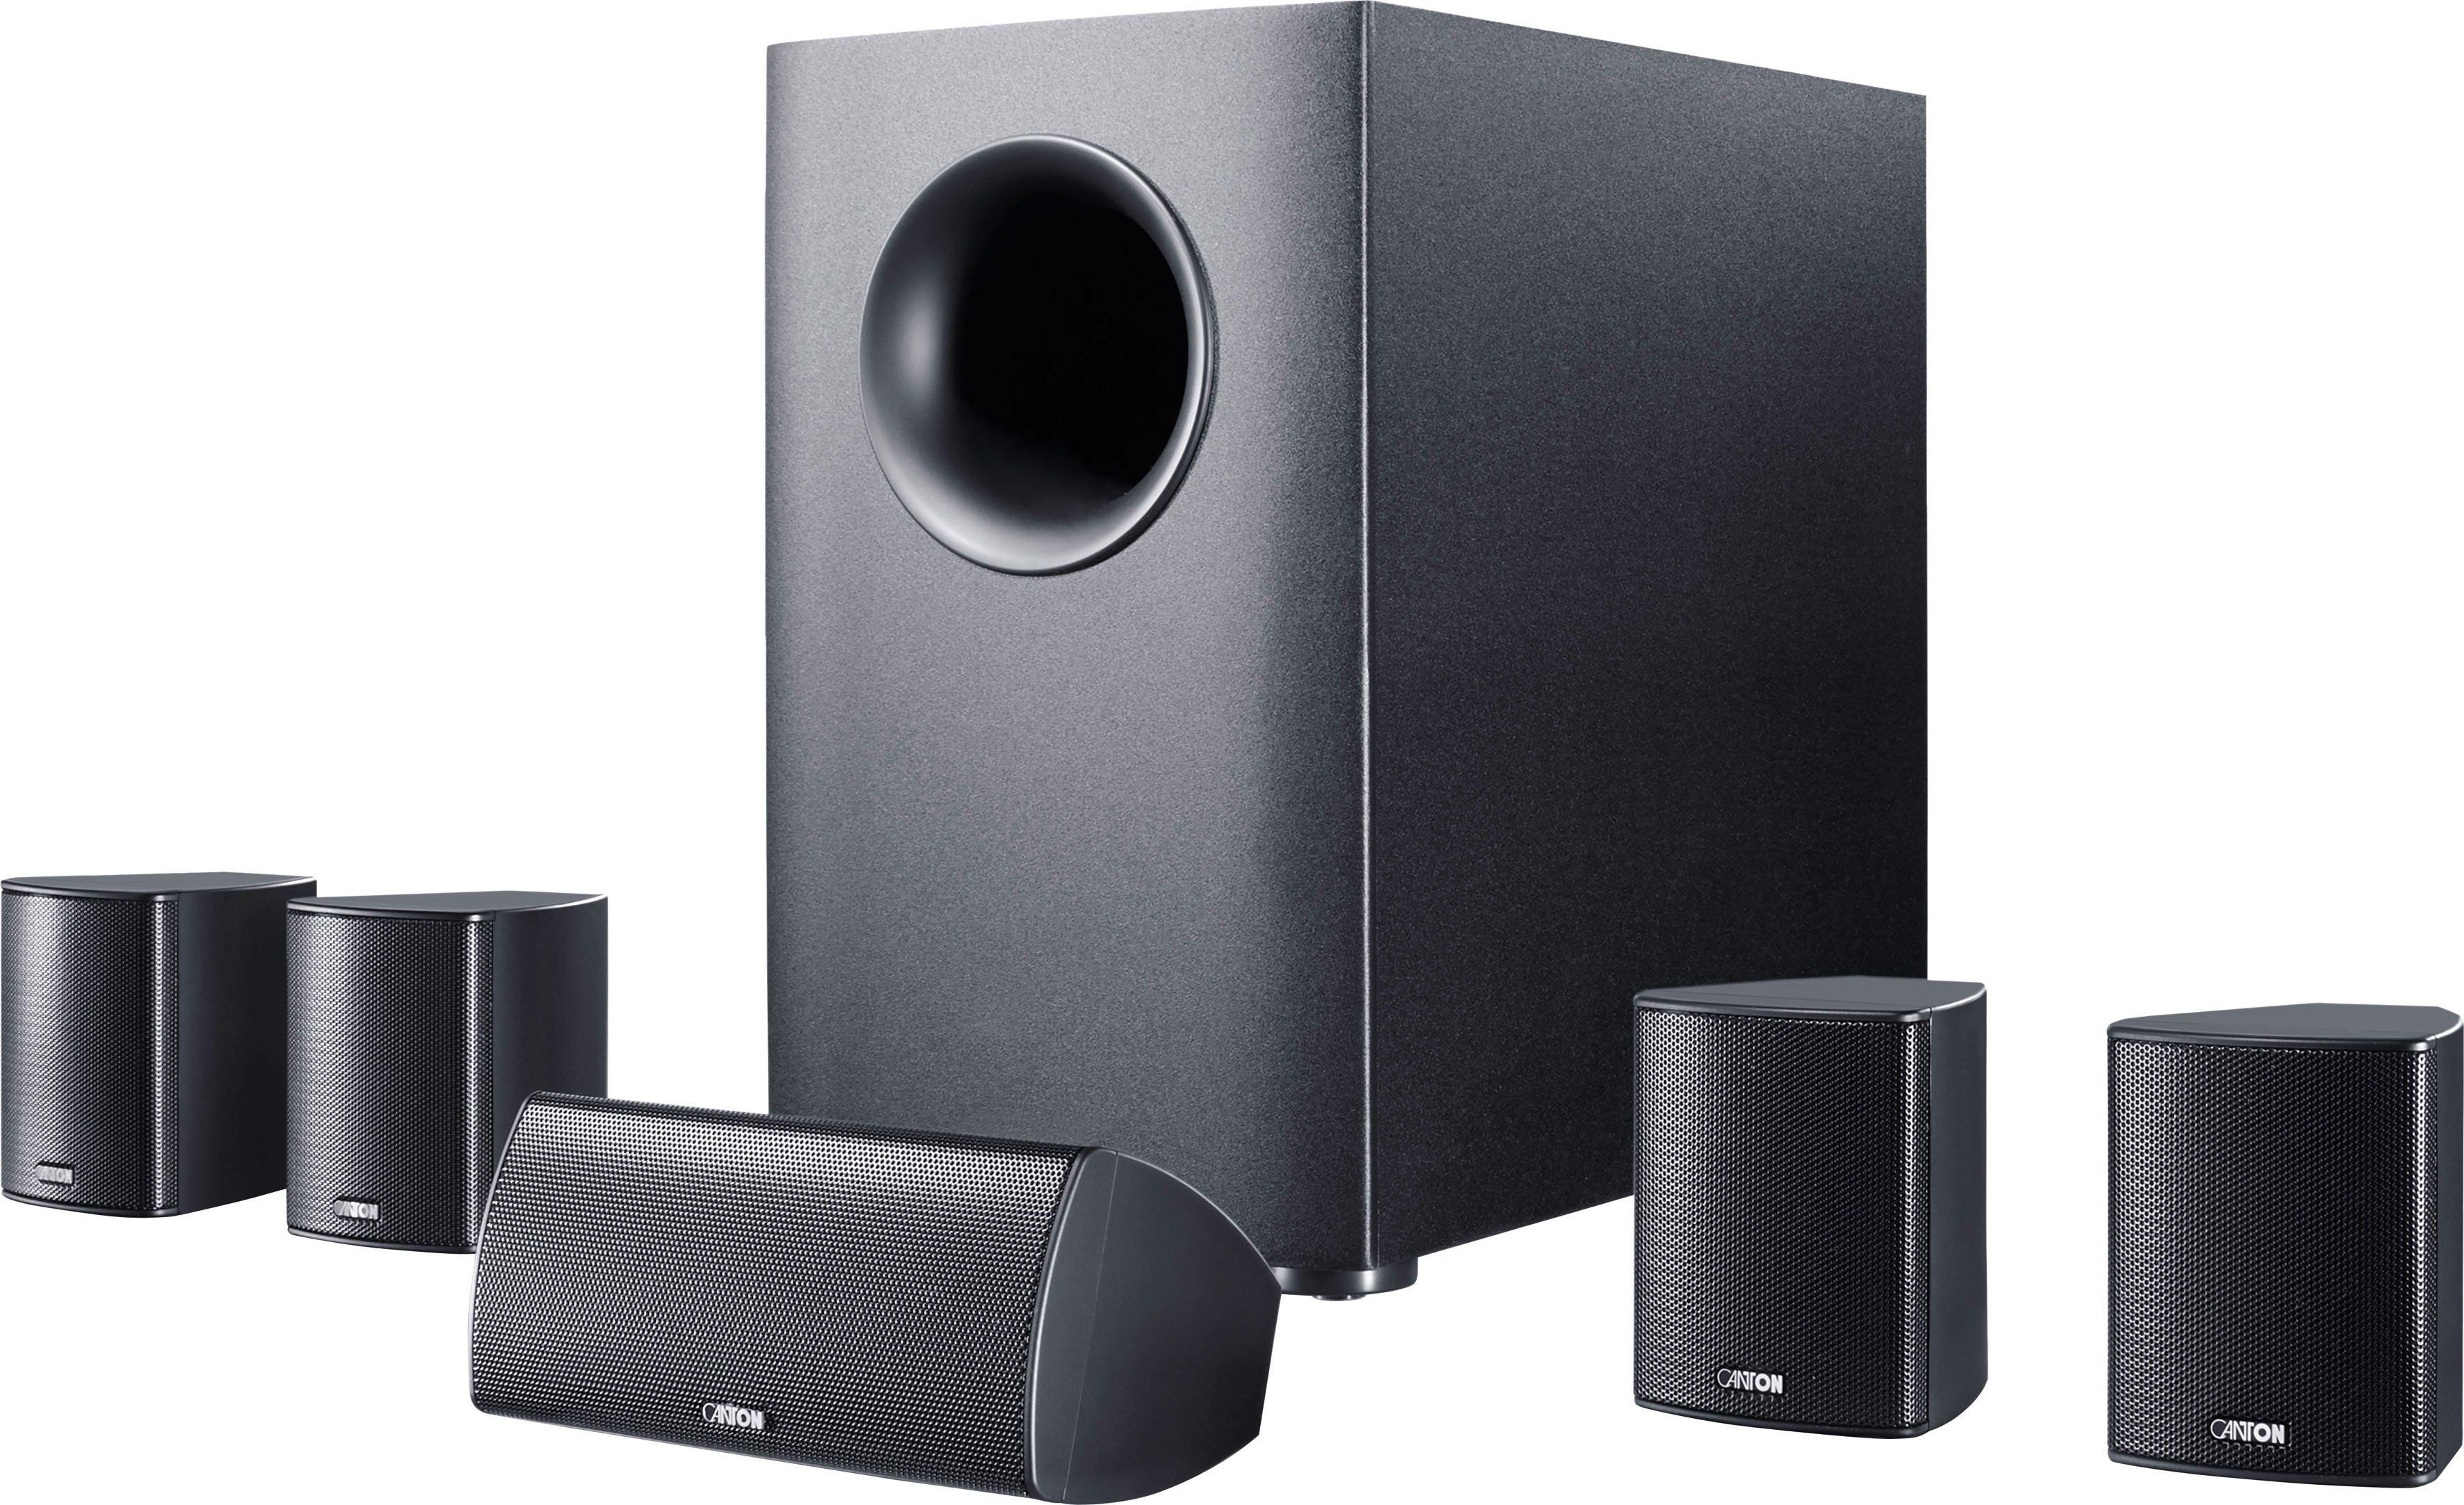 CANTON 5.1-luidsprekersysteem Movie 135 voordelig en veilig online kopen